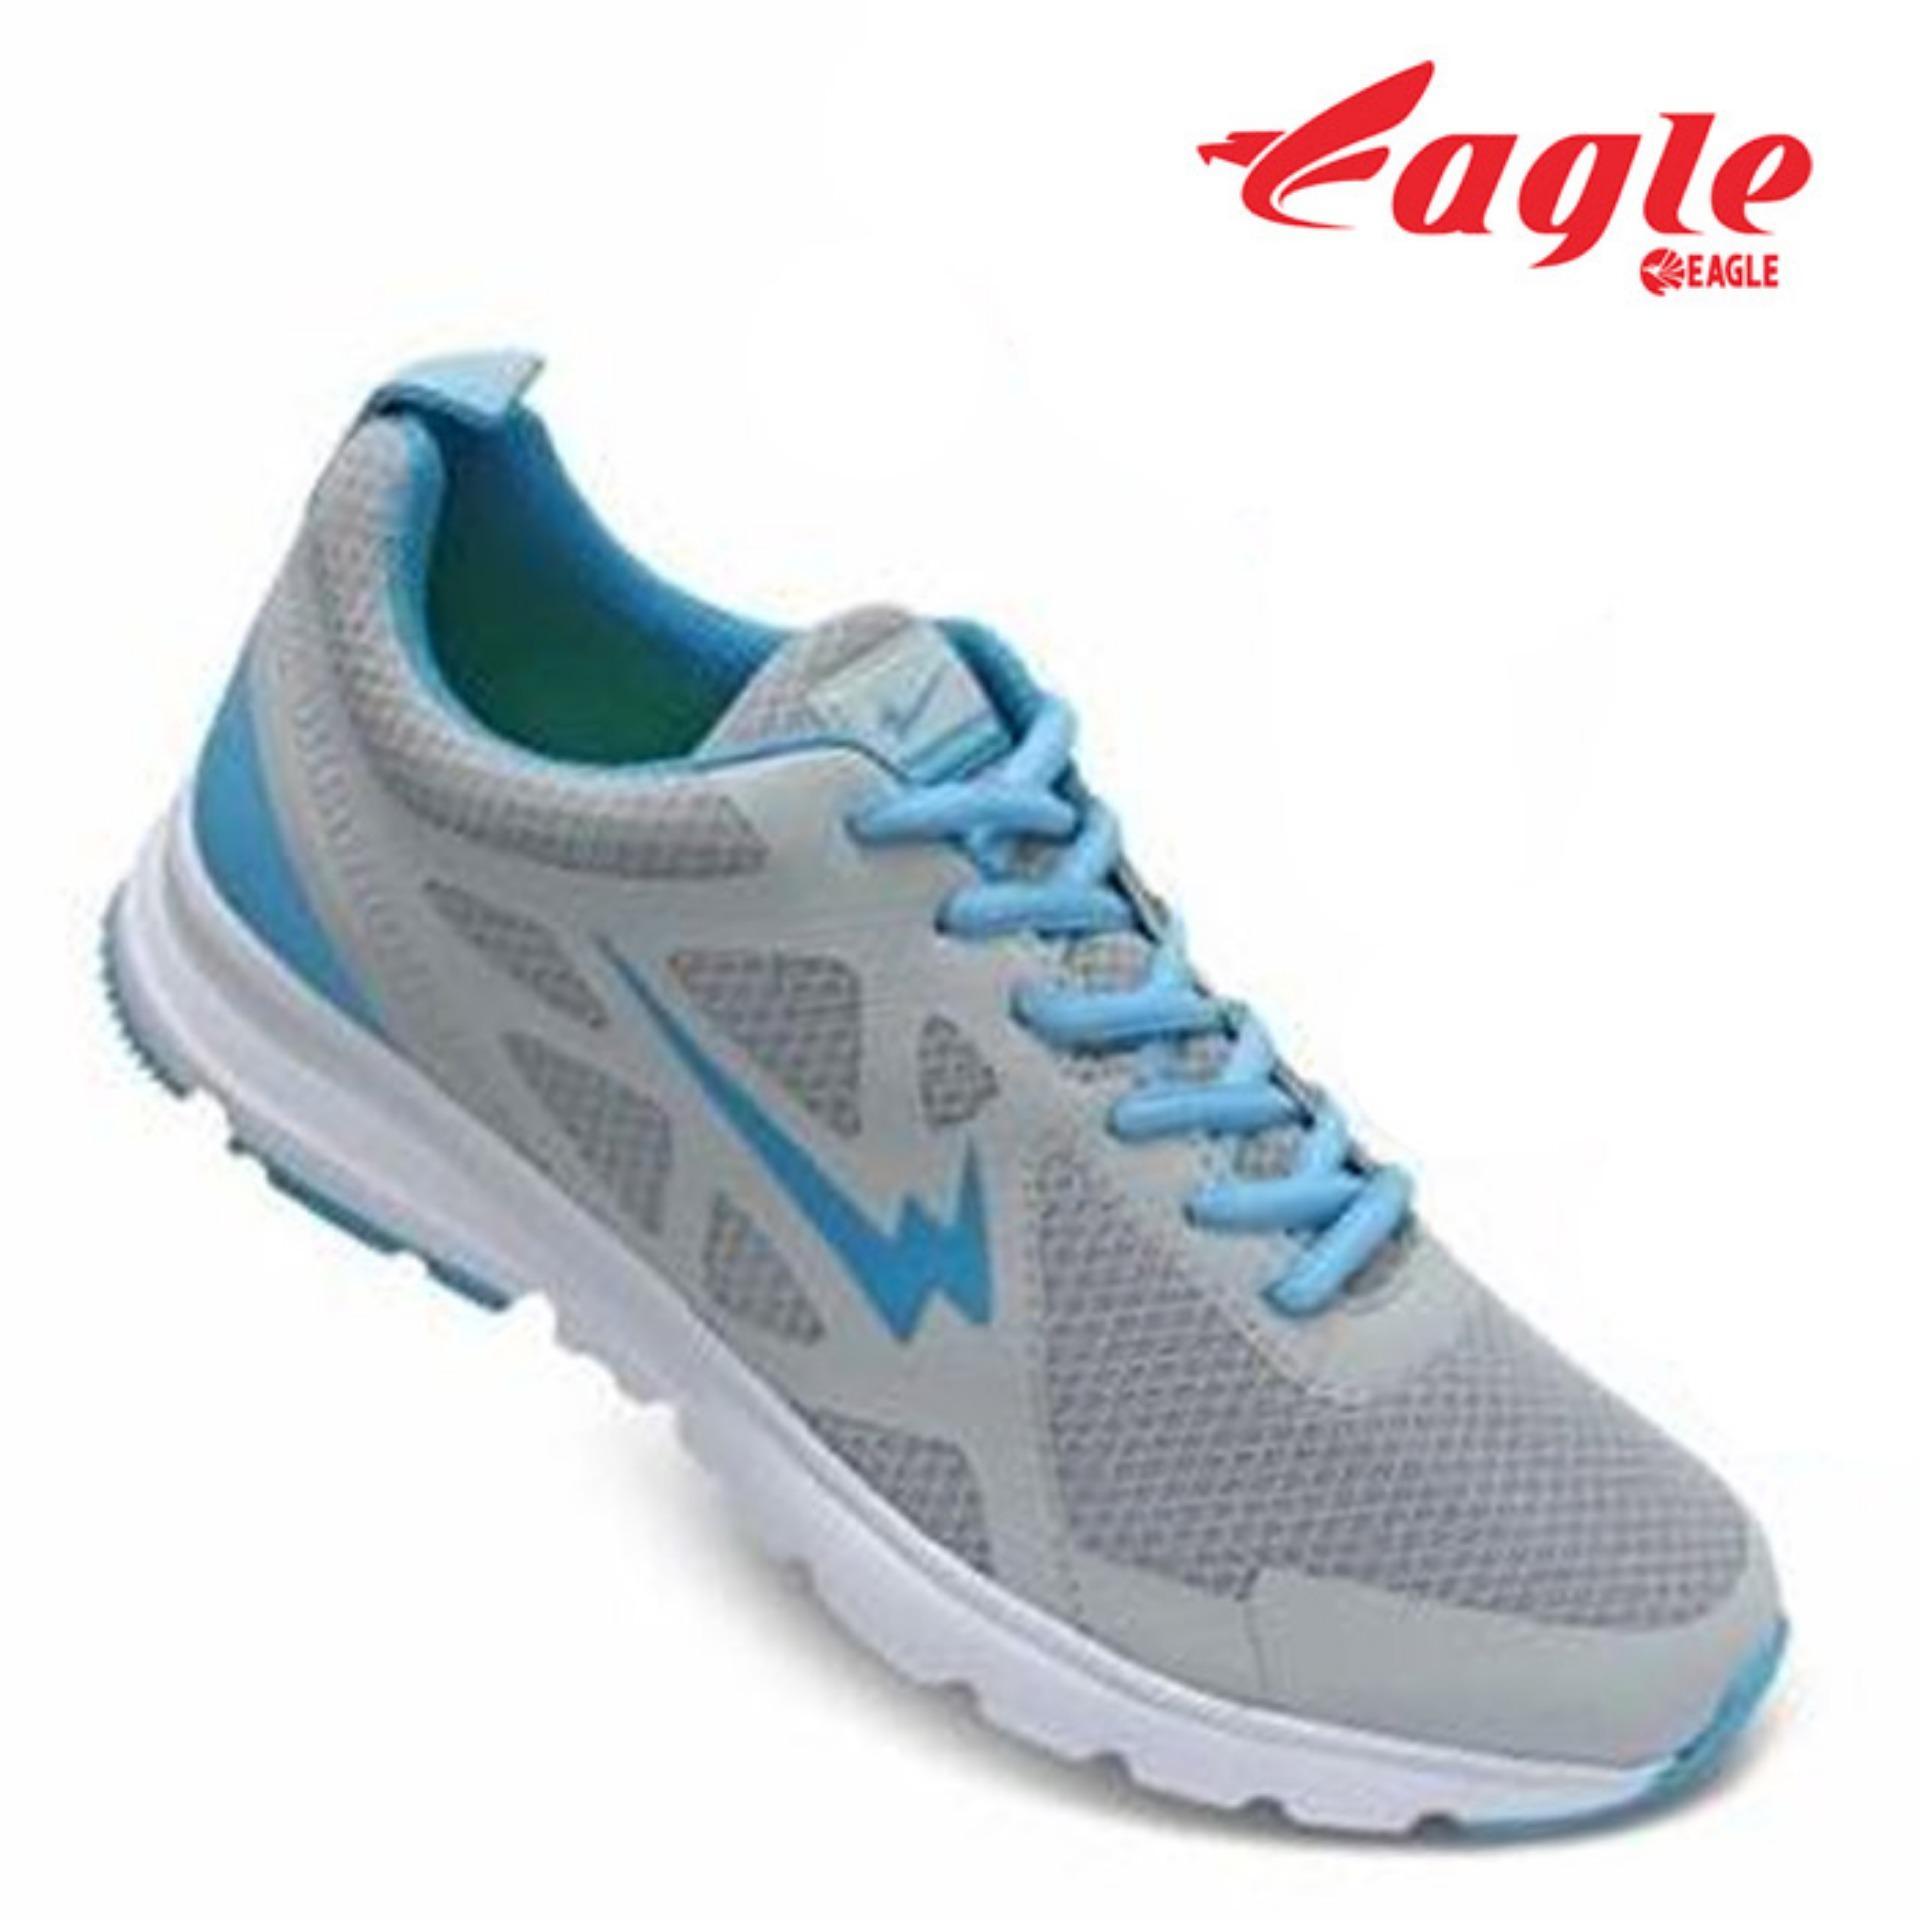 Cek Harga Baru Sepatu Badminton Eagle Olahraga Eclipse Sneaker Wanita Aorora Olah Raga